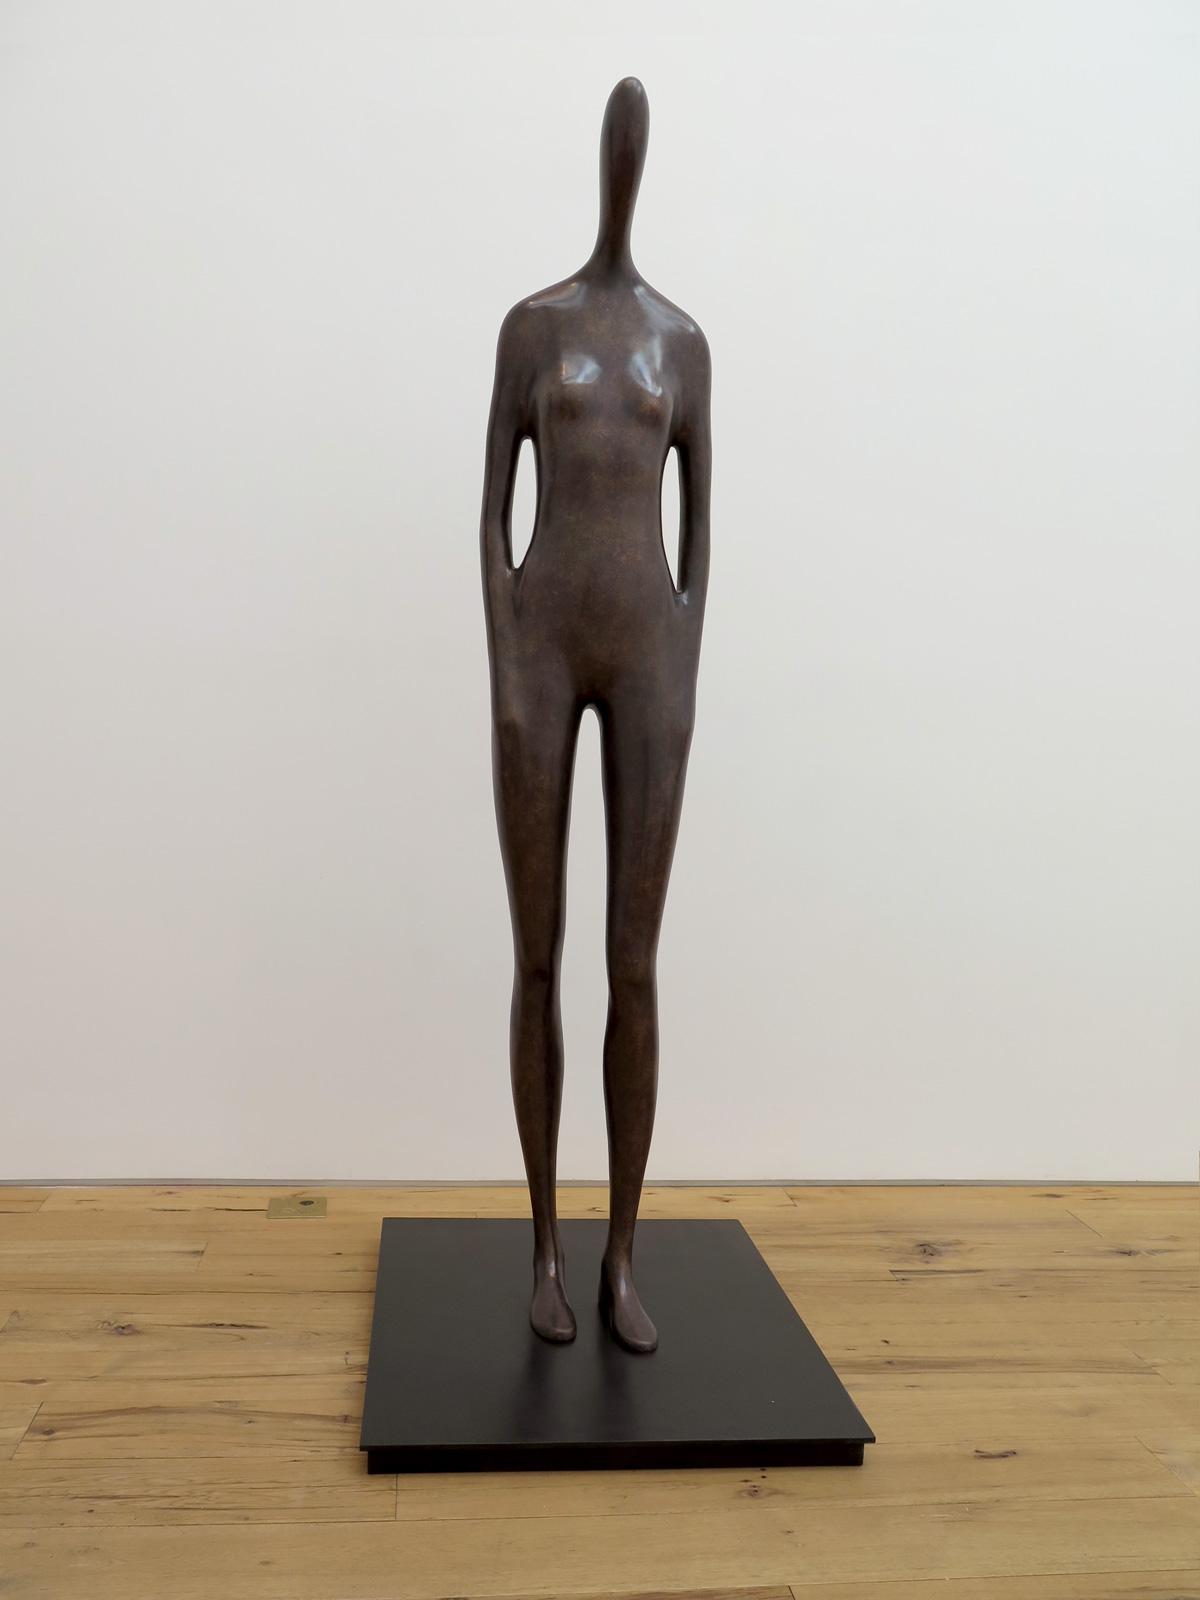 Emil Alzamora 2015 Bronze 85 x 12 x 17 inches / 216 x 31 x 43 cm 2015 Marc Straus Gallery